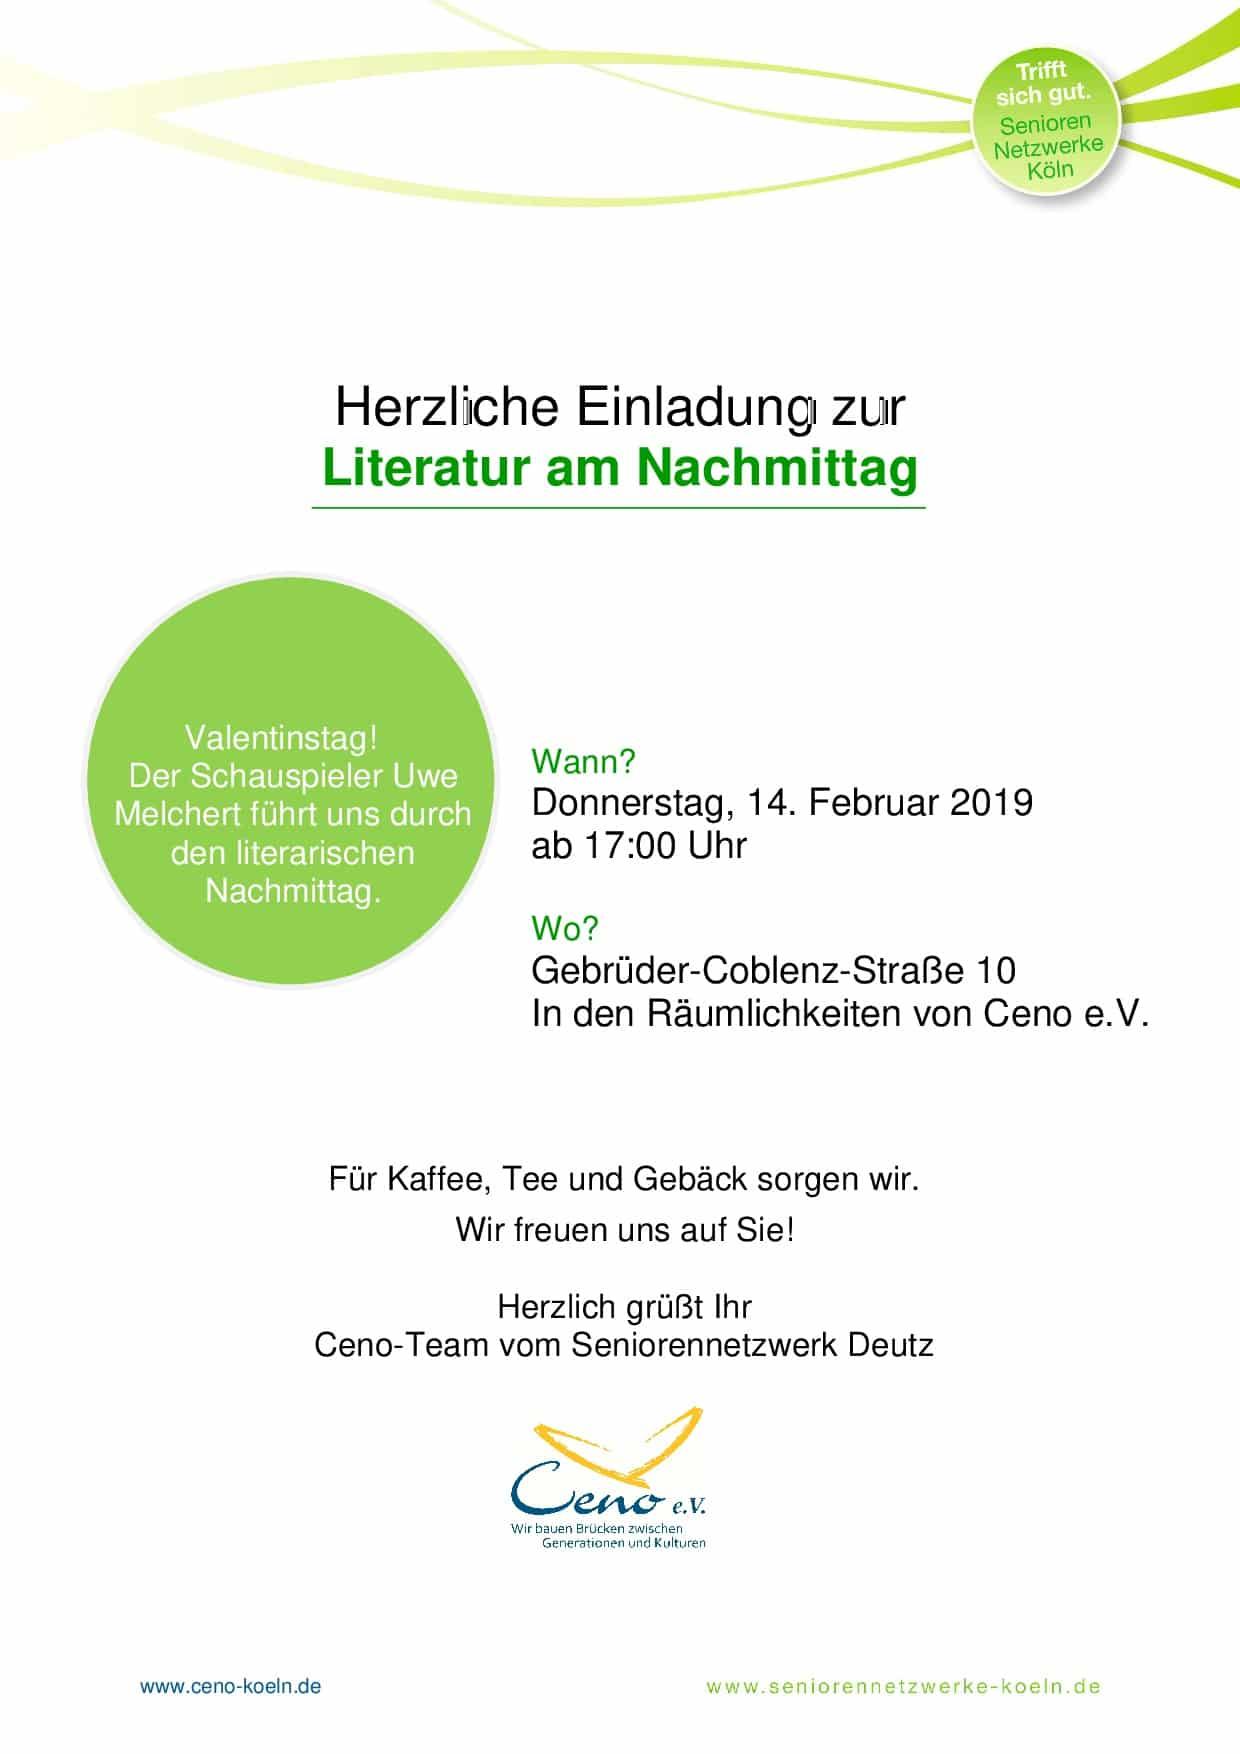 Einladung Zur Literatur Am Nachmittag Am Valentinstag Ceno Die